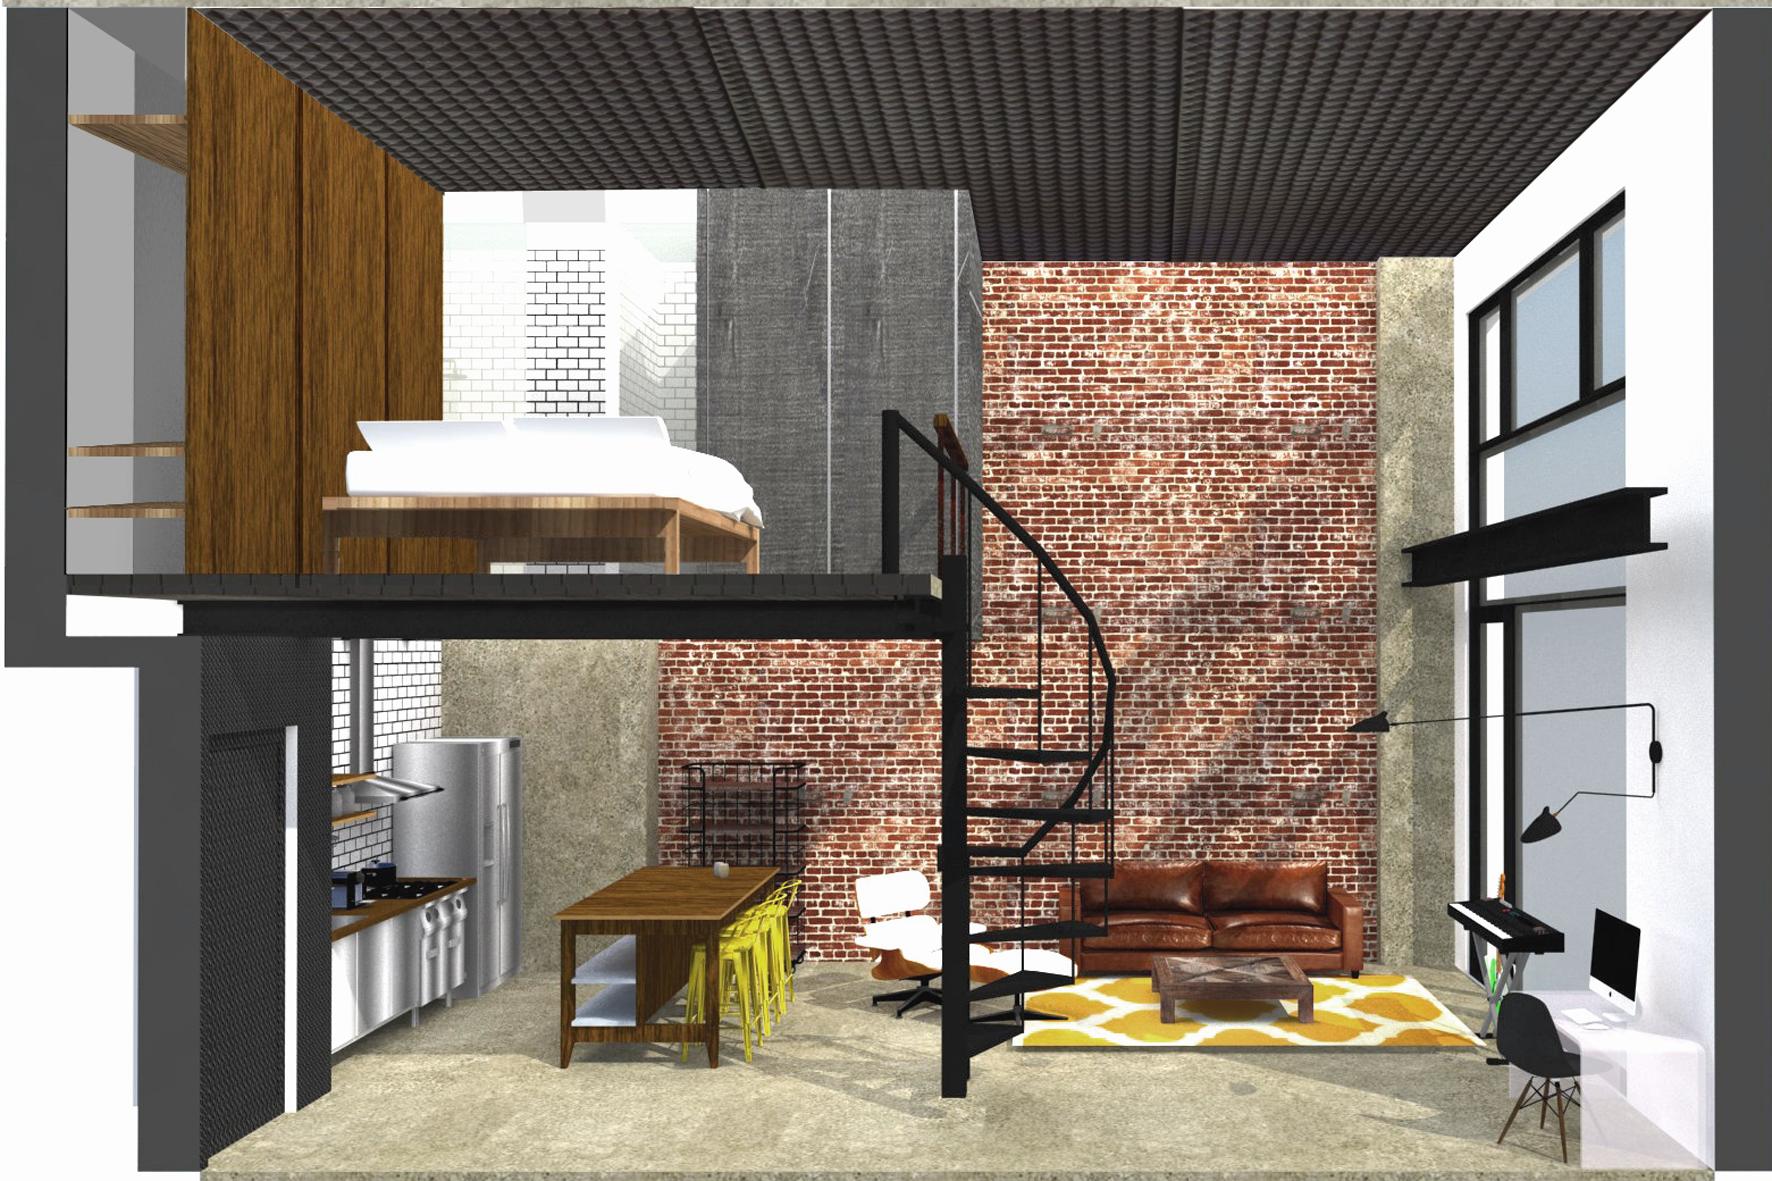 Reforma loft arquitectura interiorismo studiobmk (4)